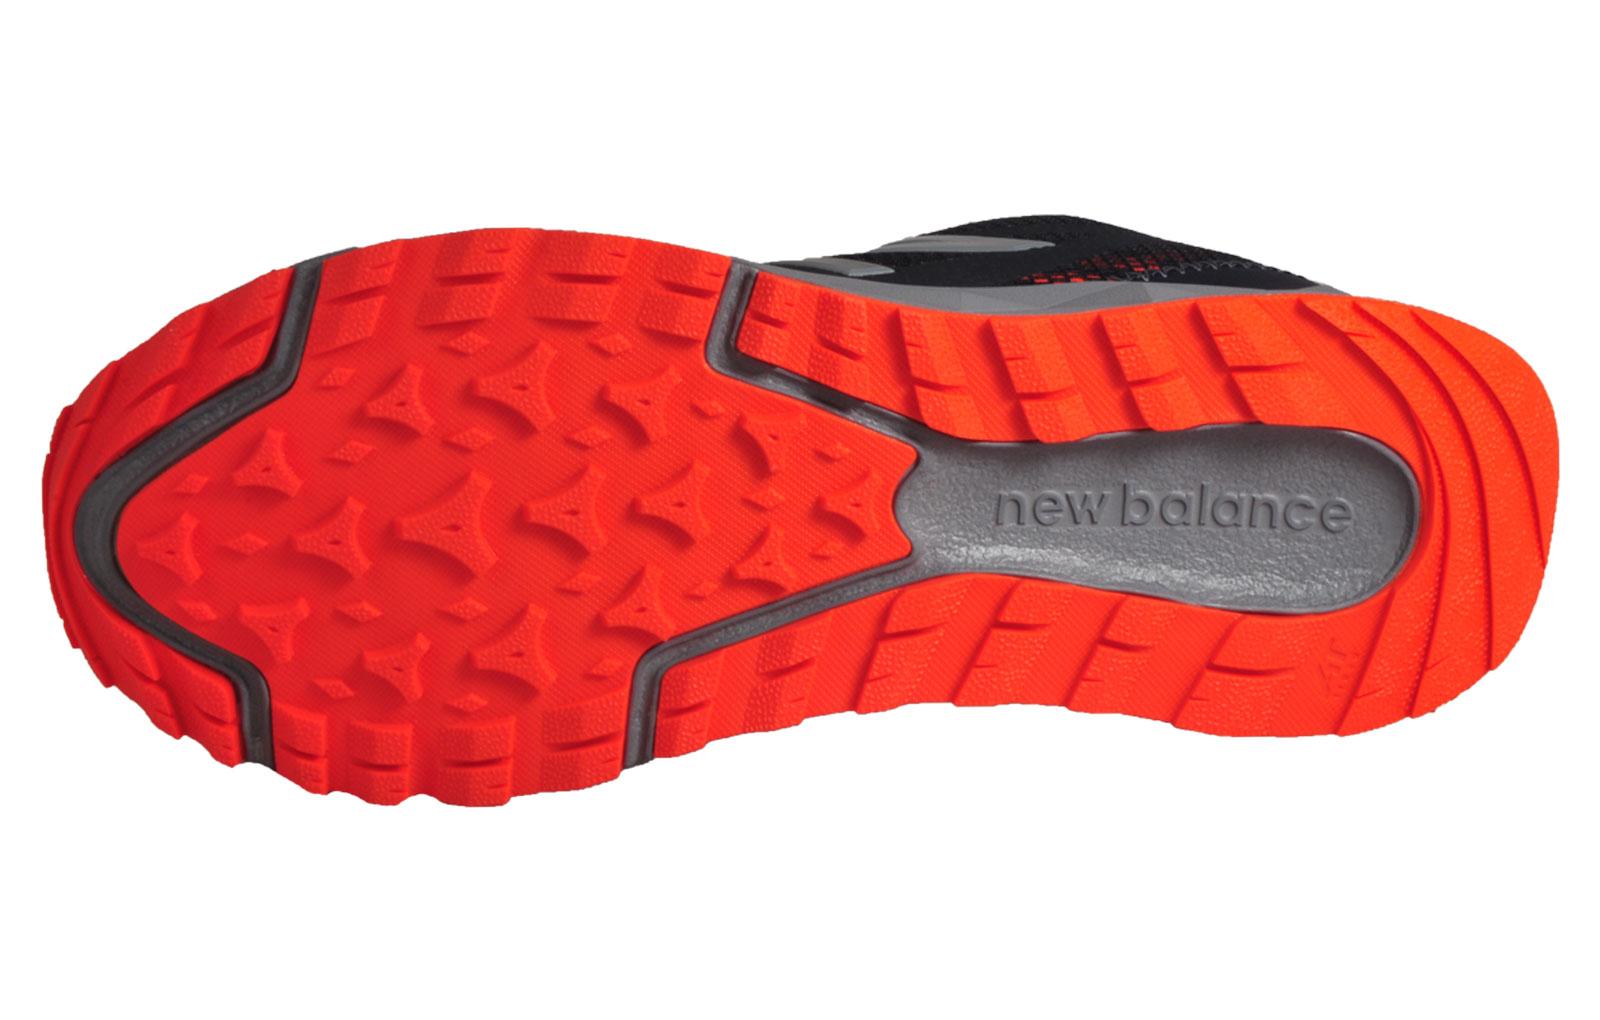 Mt 590 V2 Sendero Zapatillas De Deporte De Los Nuevos Hombres De Balance De Negro / Naranja CeeOWB